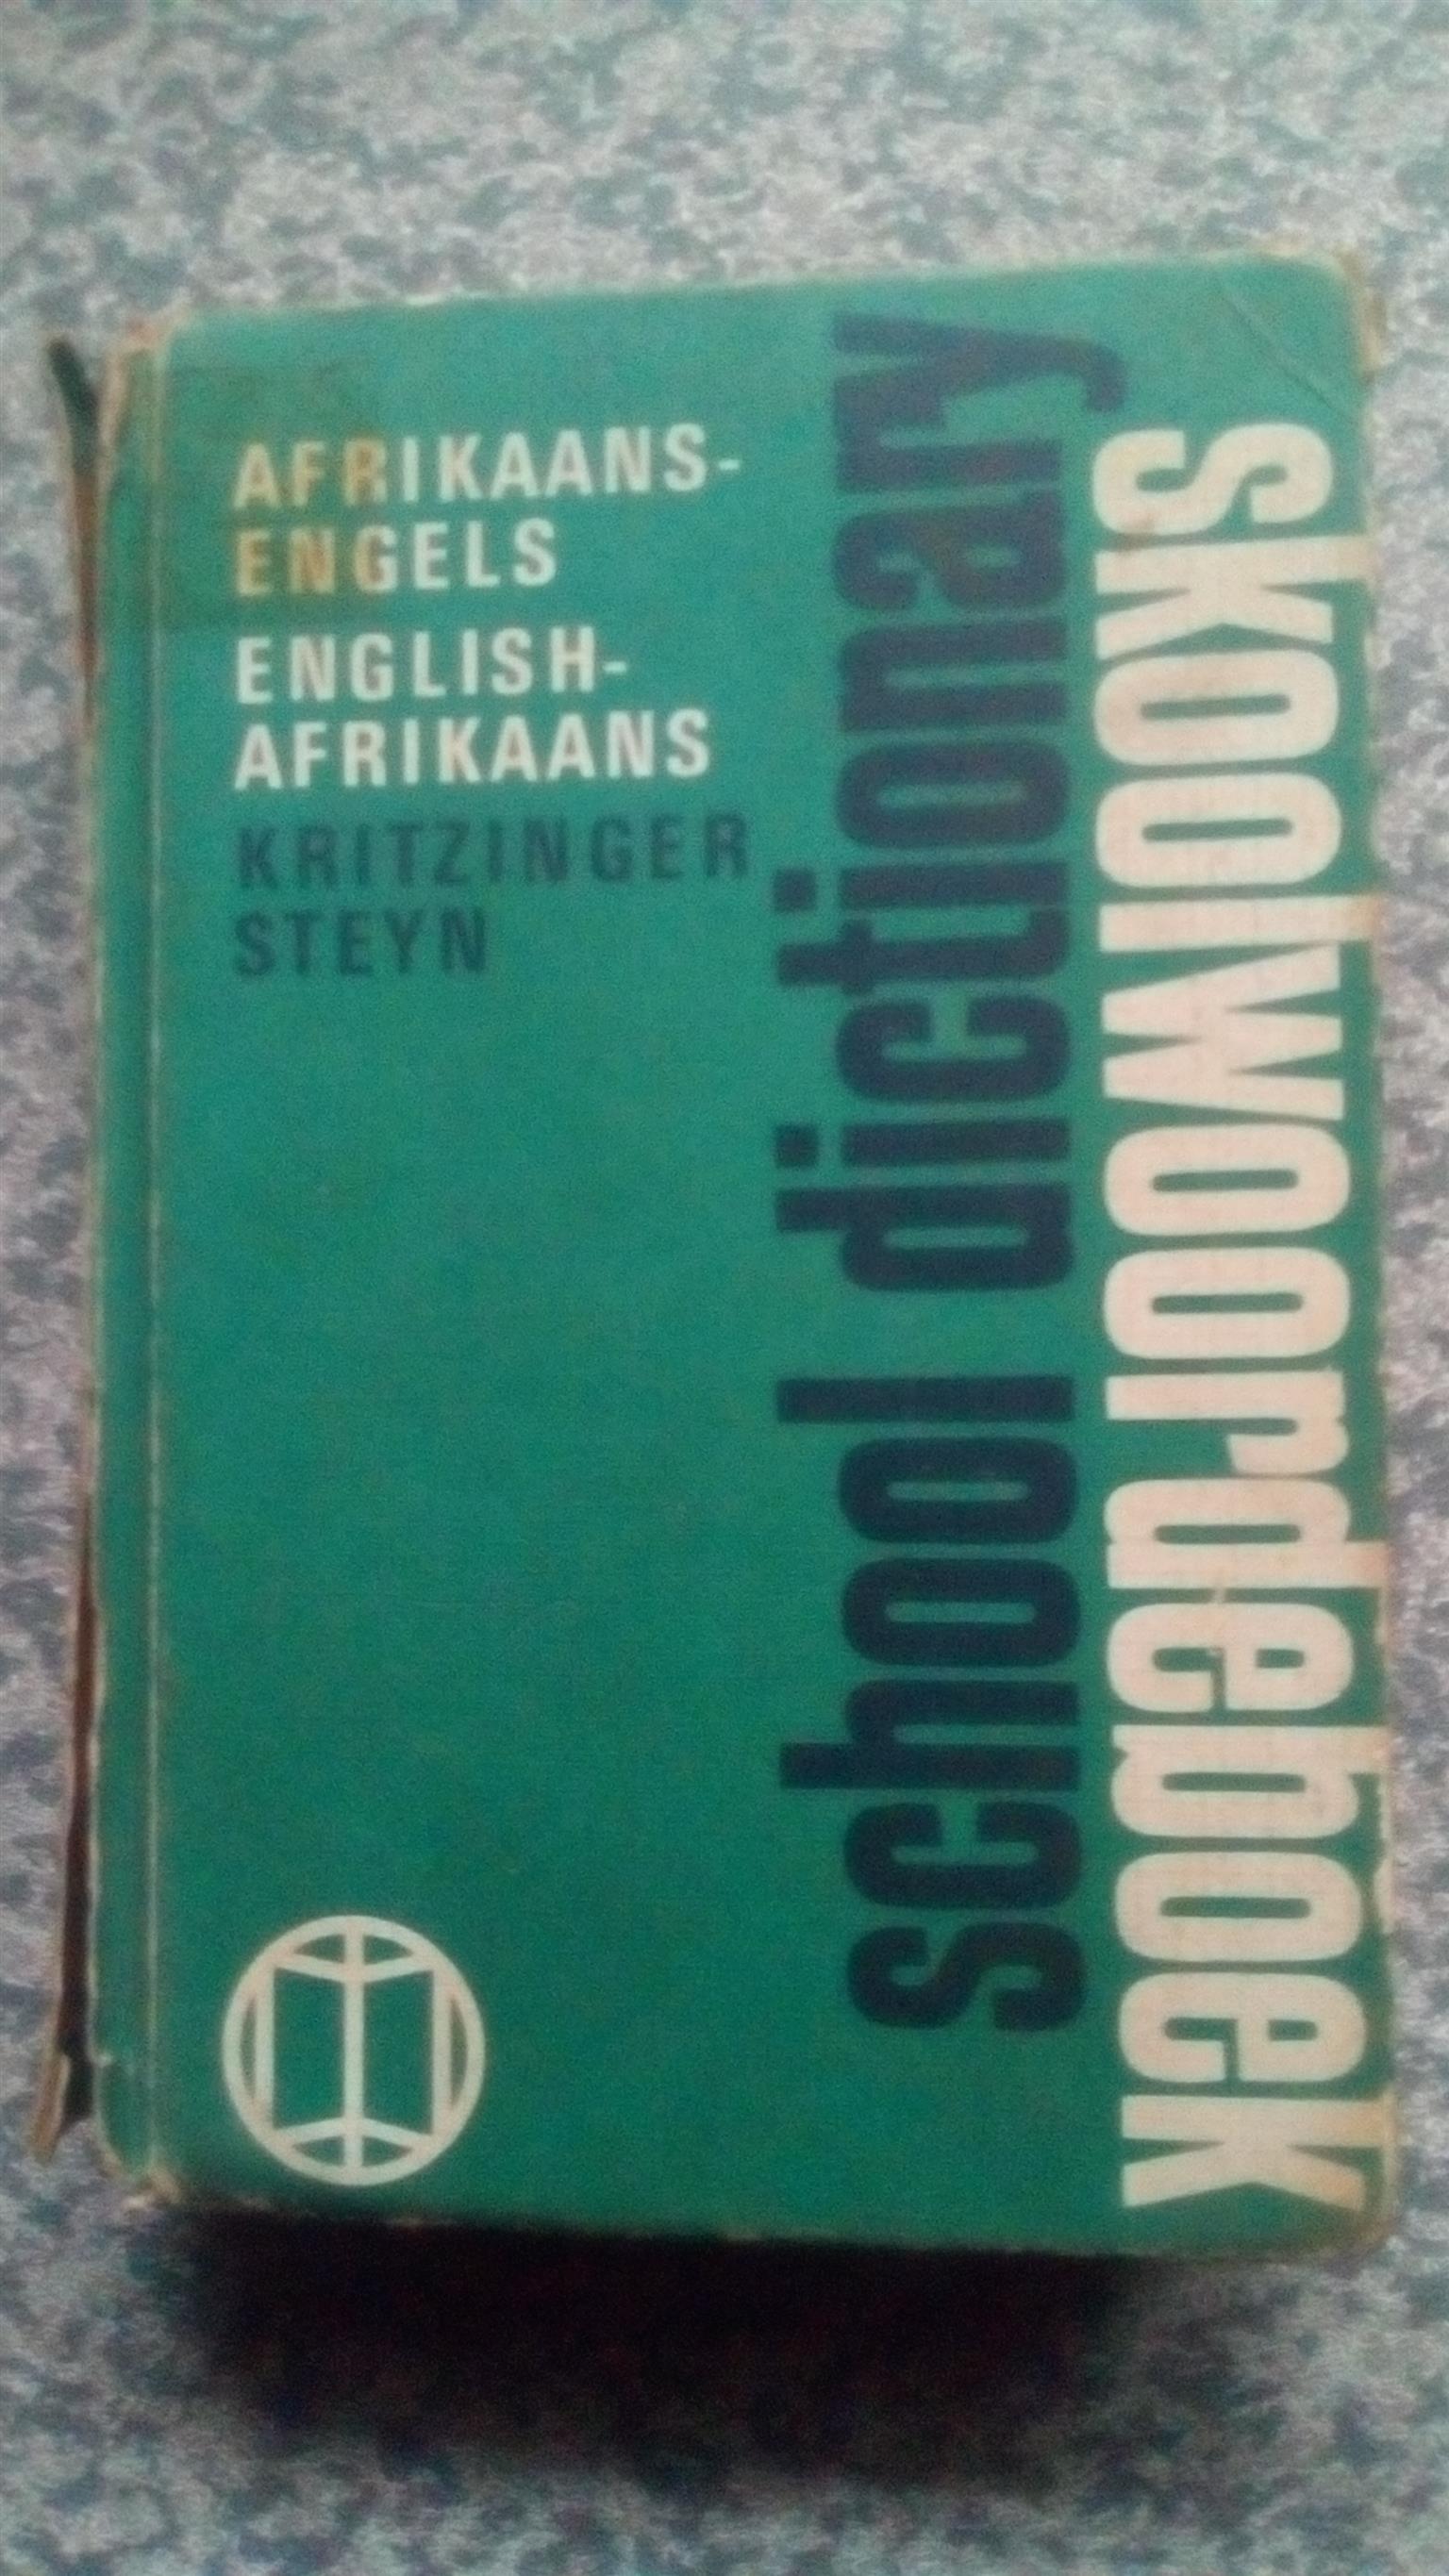 Skoolwoordeboek: Afrikaans-Engels ; English-Afrikaans. 28th ed. ( ; School dictionary) x 2